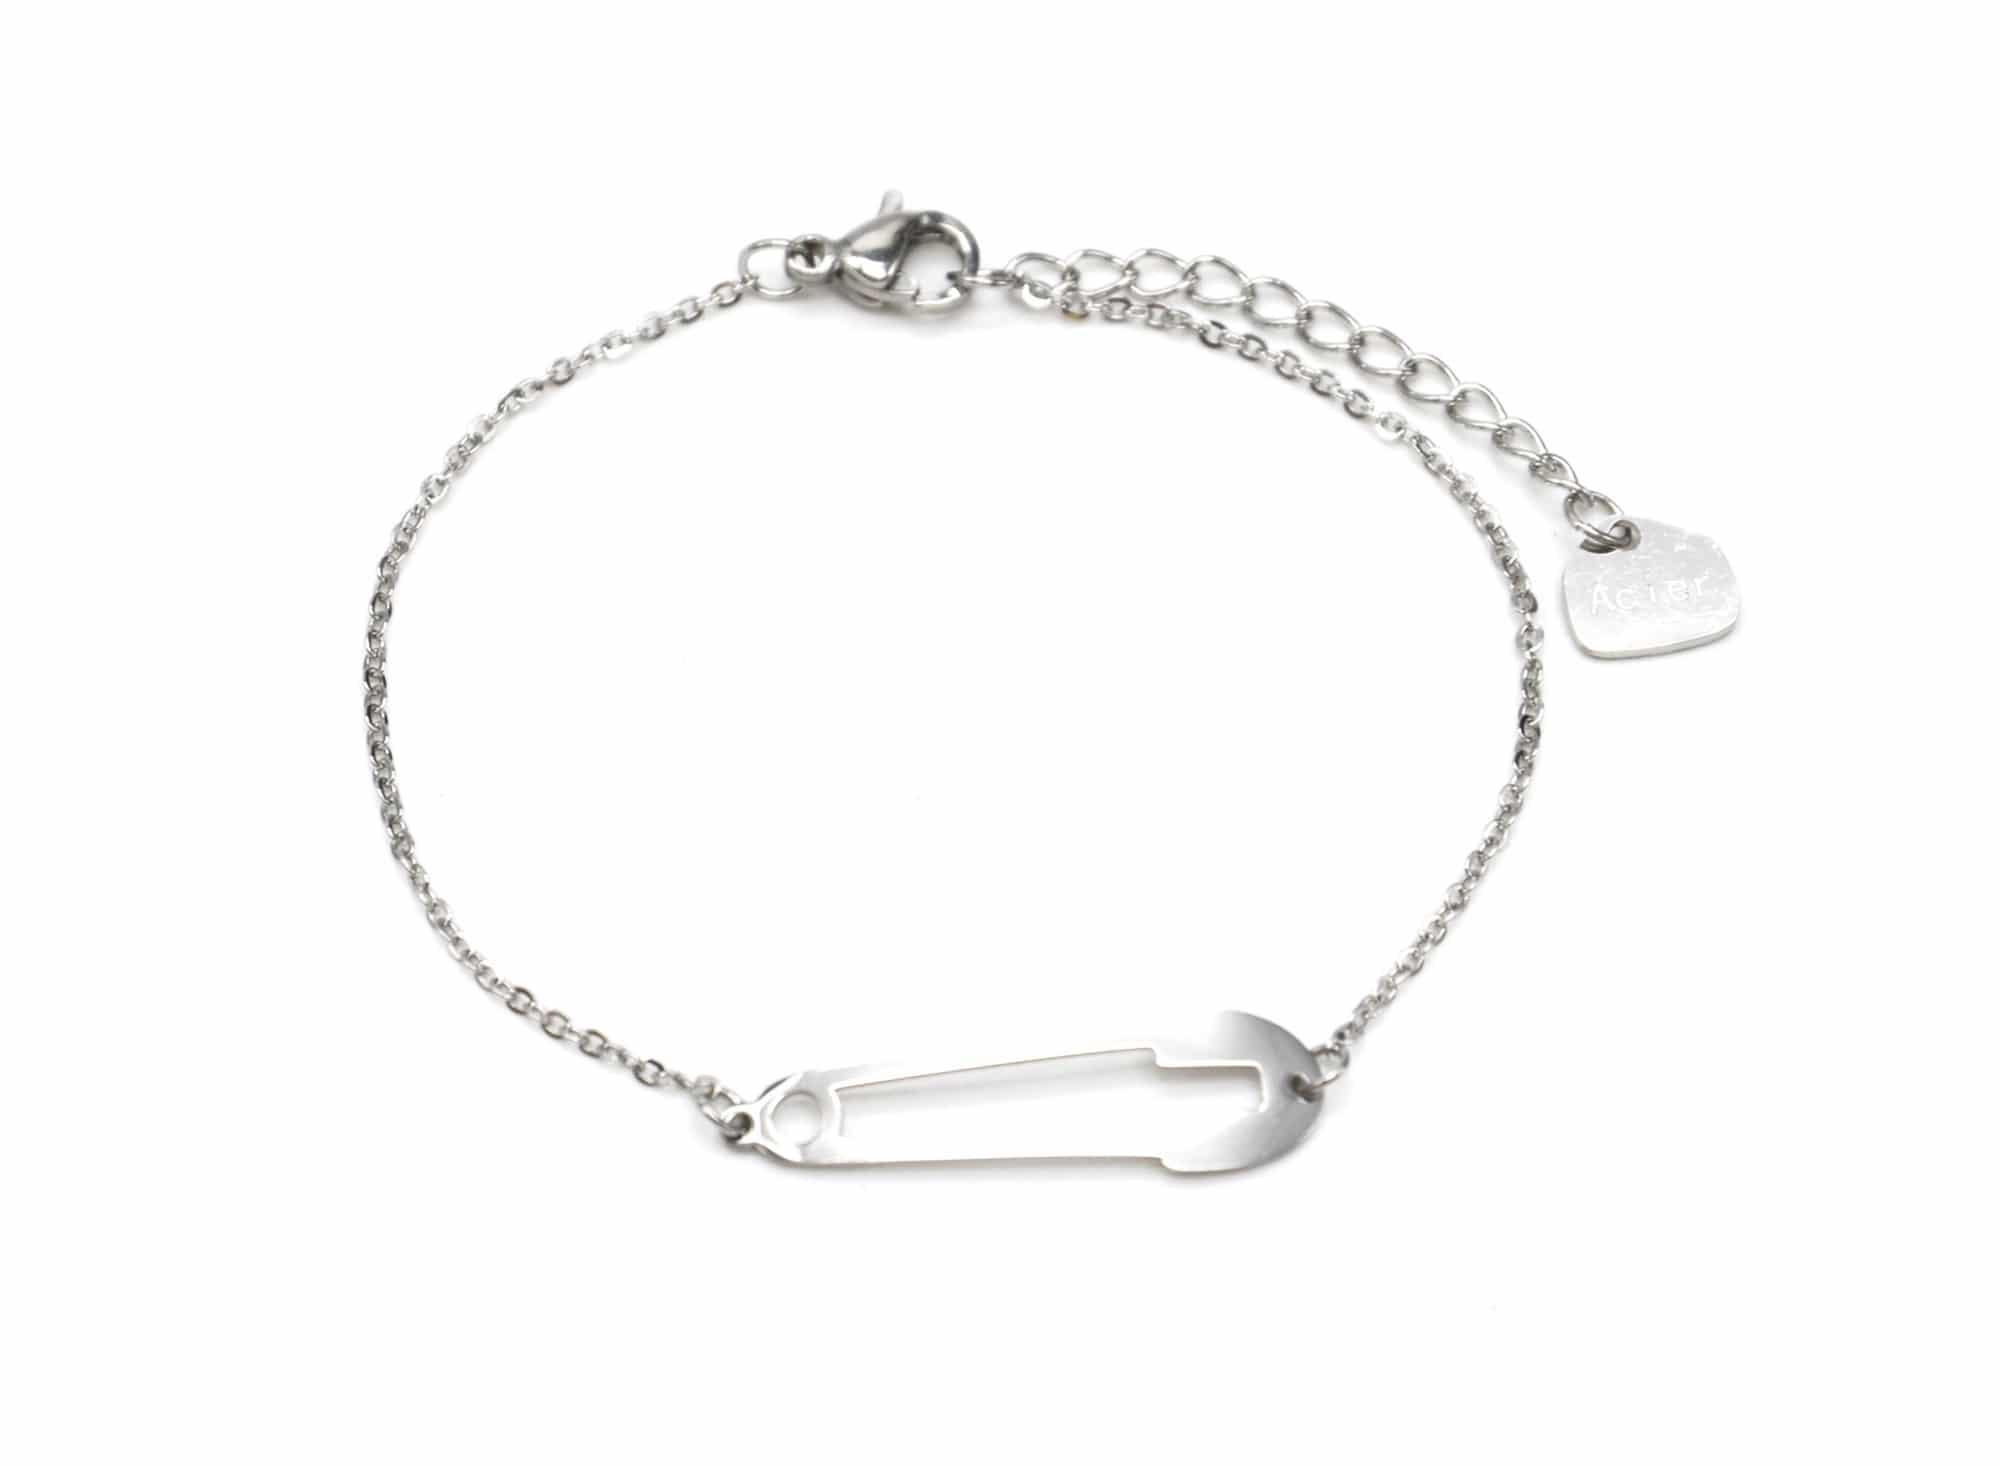 bc2631f bracelet fine cha ne avec charm epingle nourrice acier argent oh my shop. Black Bedroom Furniture Sets. Home Design Ideas